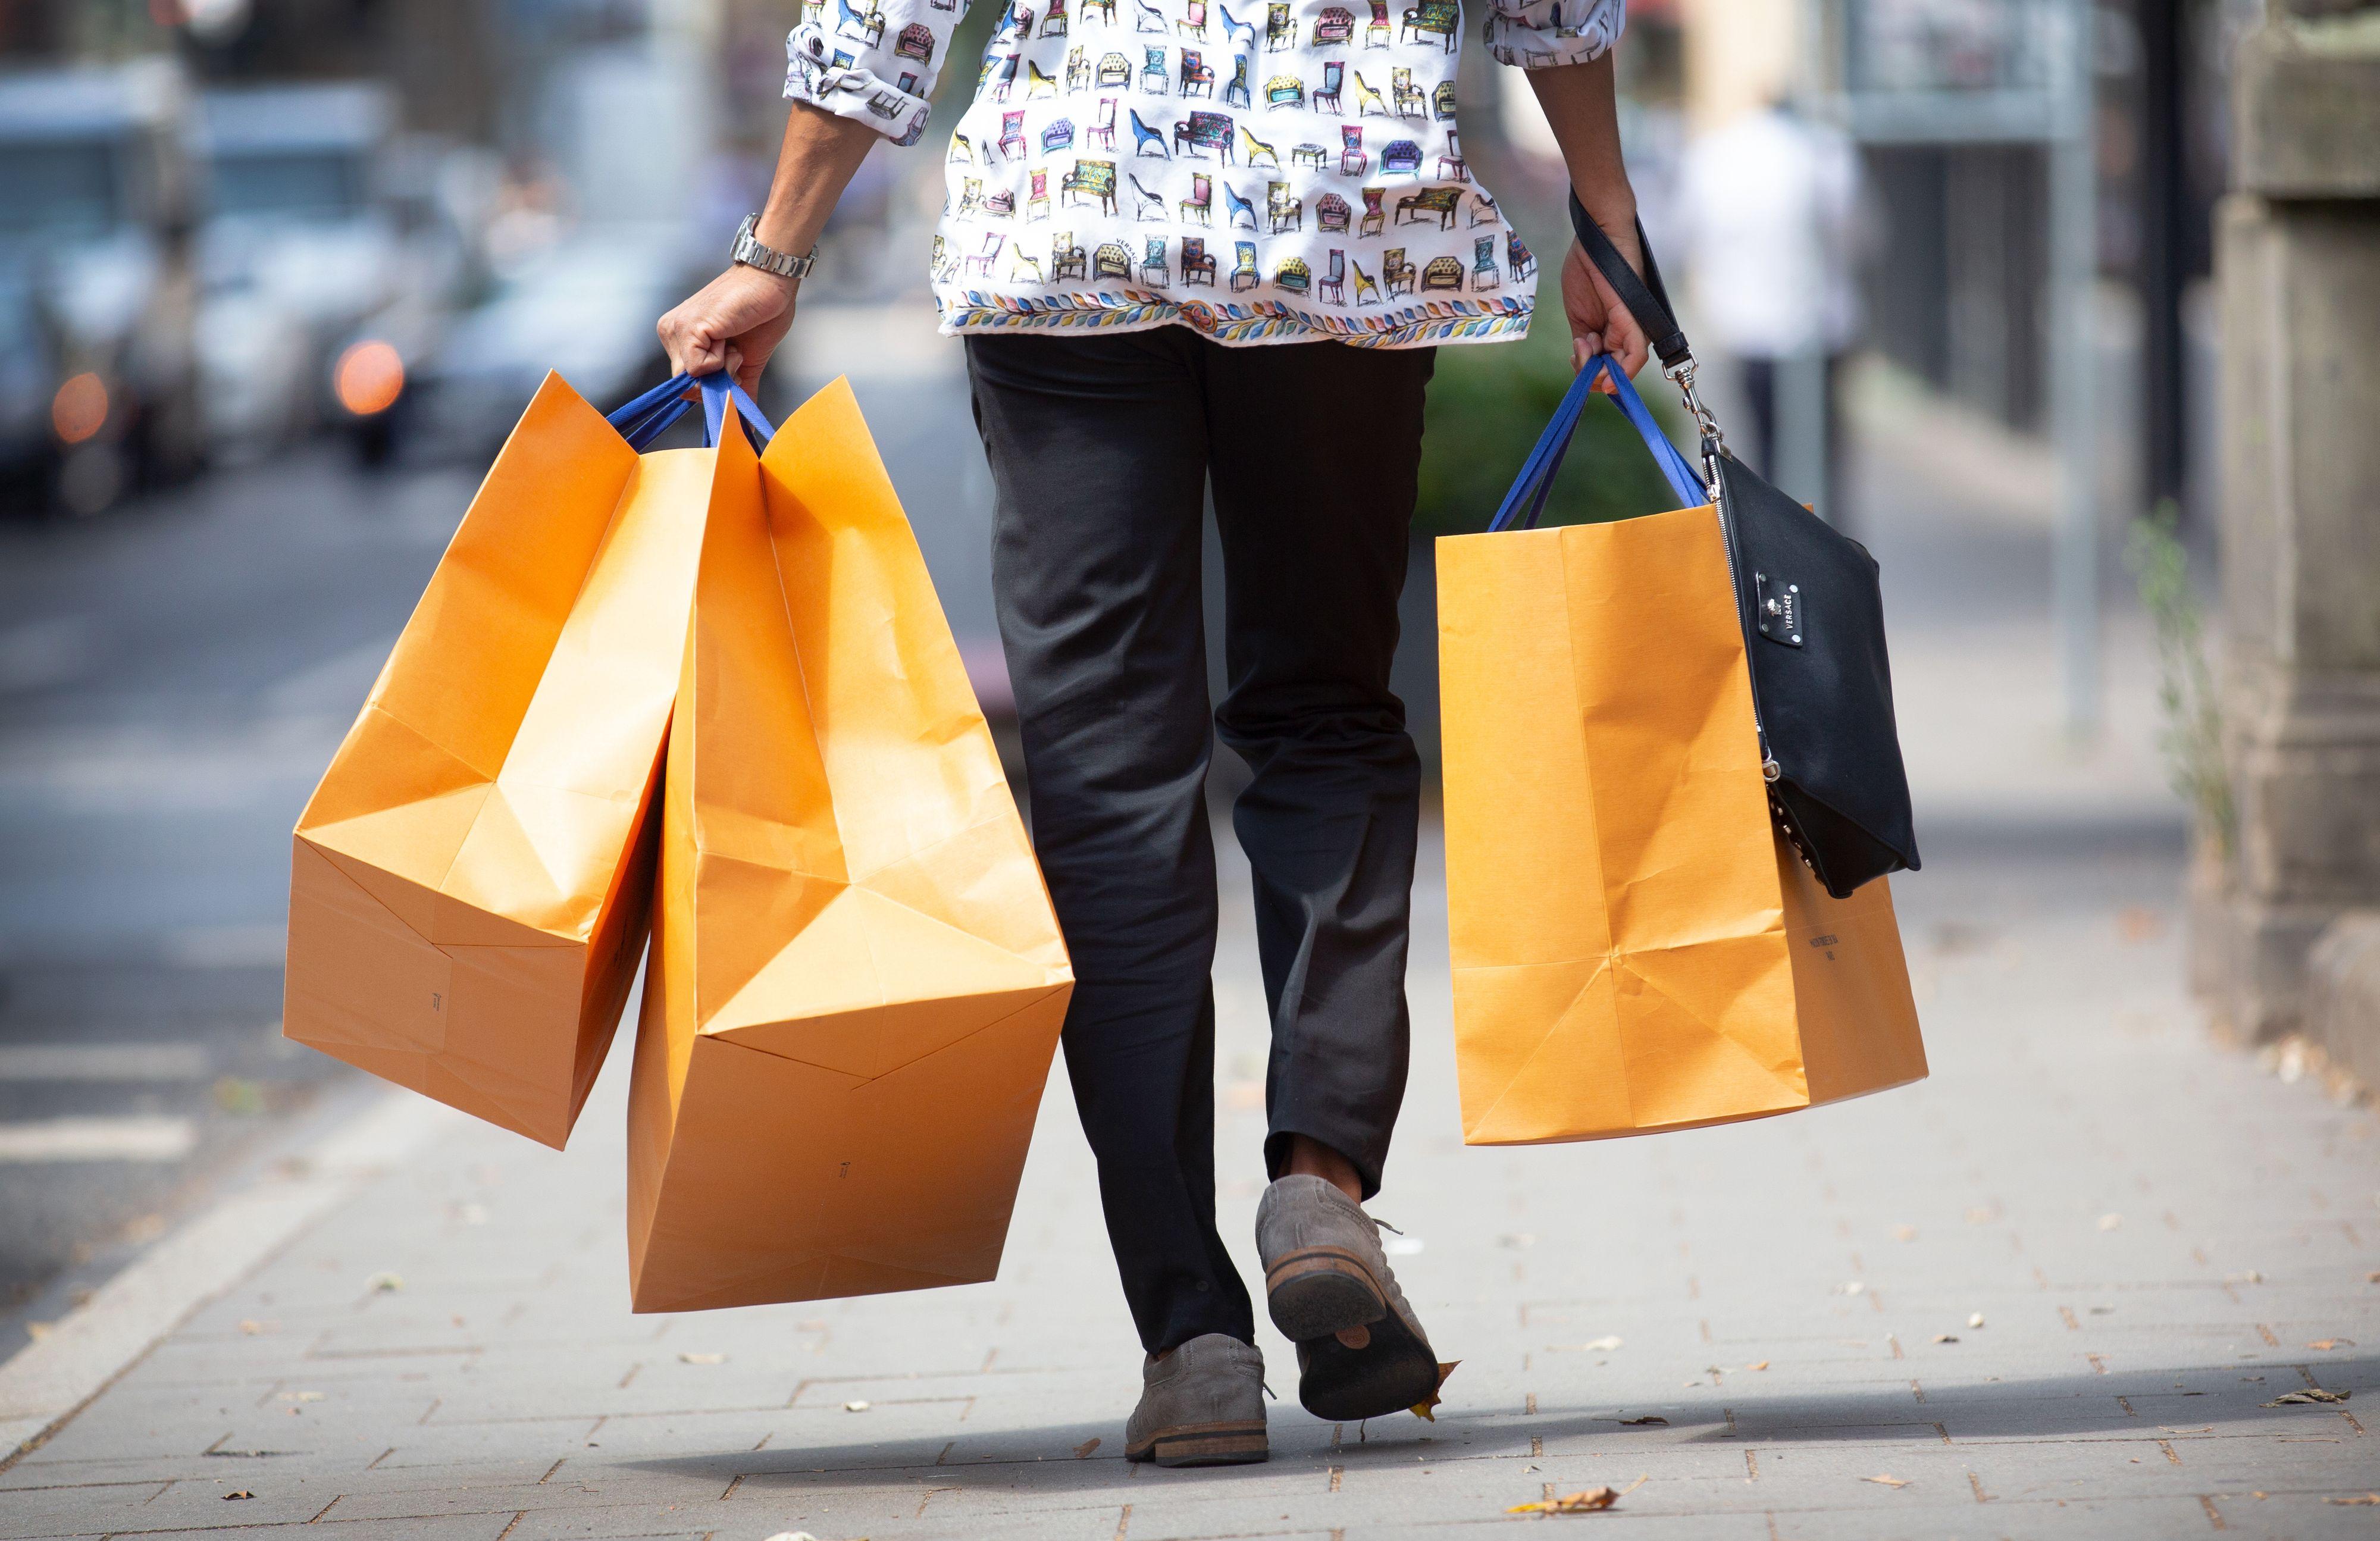 Pralle Tüten, gute Geschäfte: Vechtas Geschäftsleute hoffen, am 4. Oktober öffnen zu dürfen. Symbolfoto: dpa